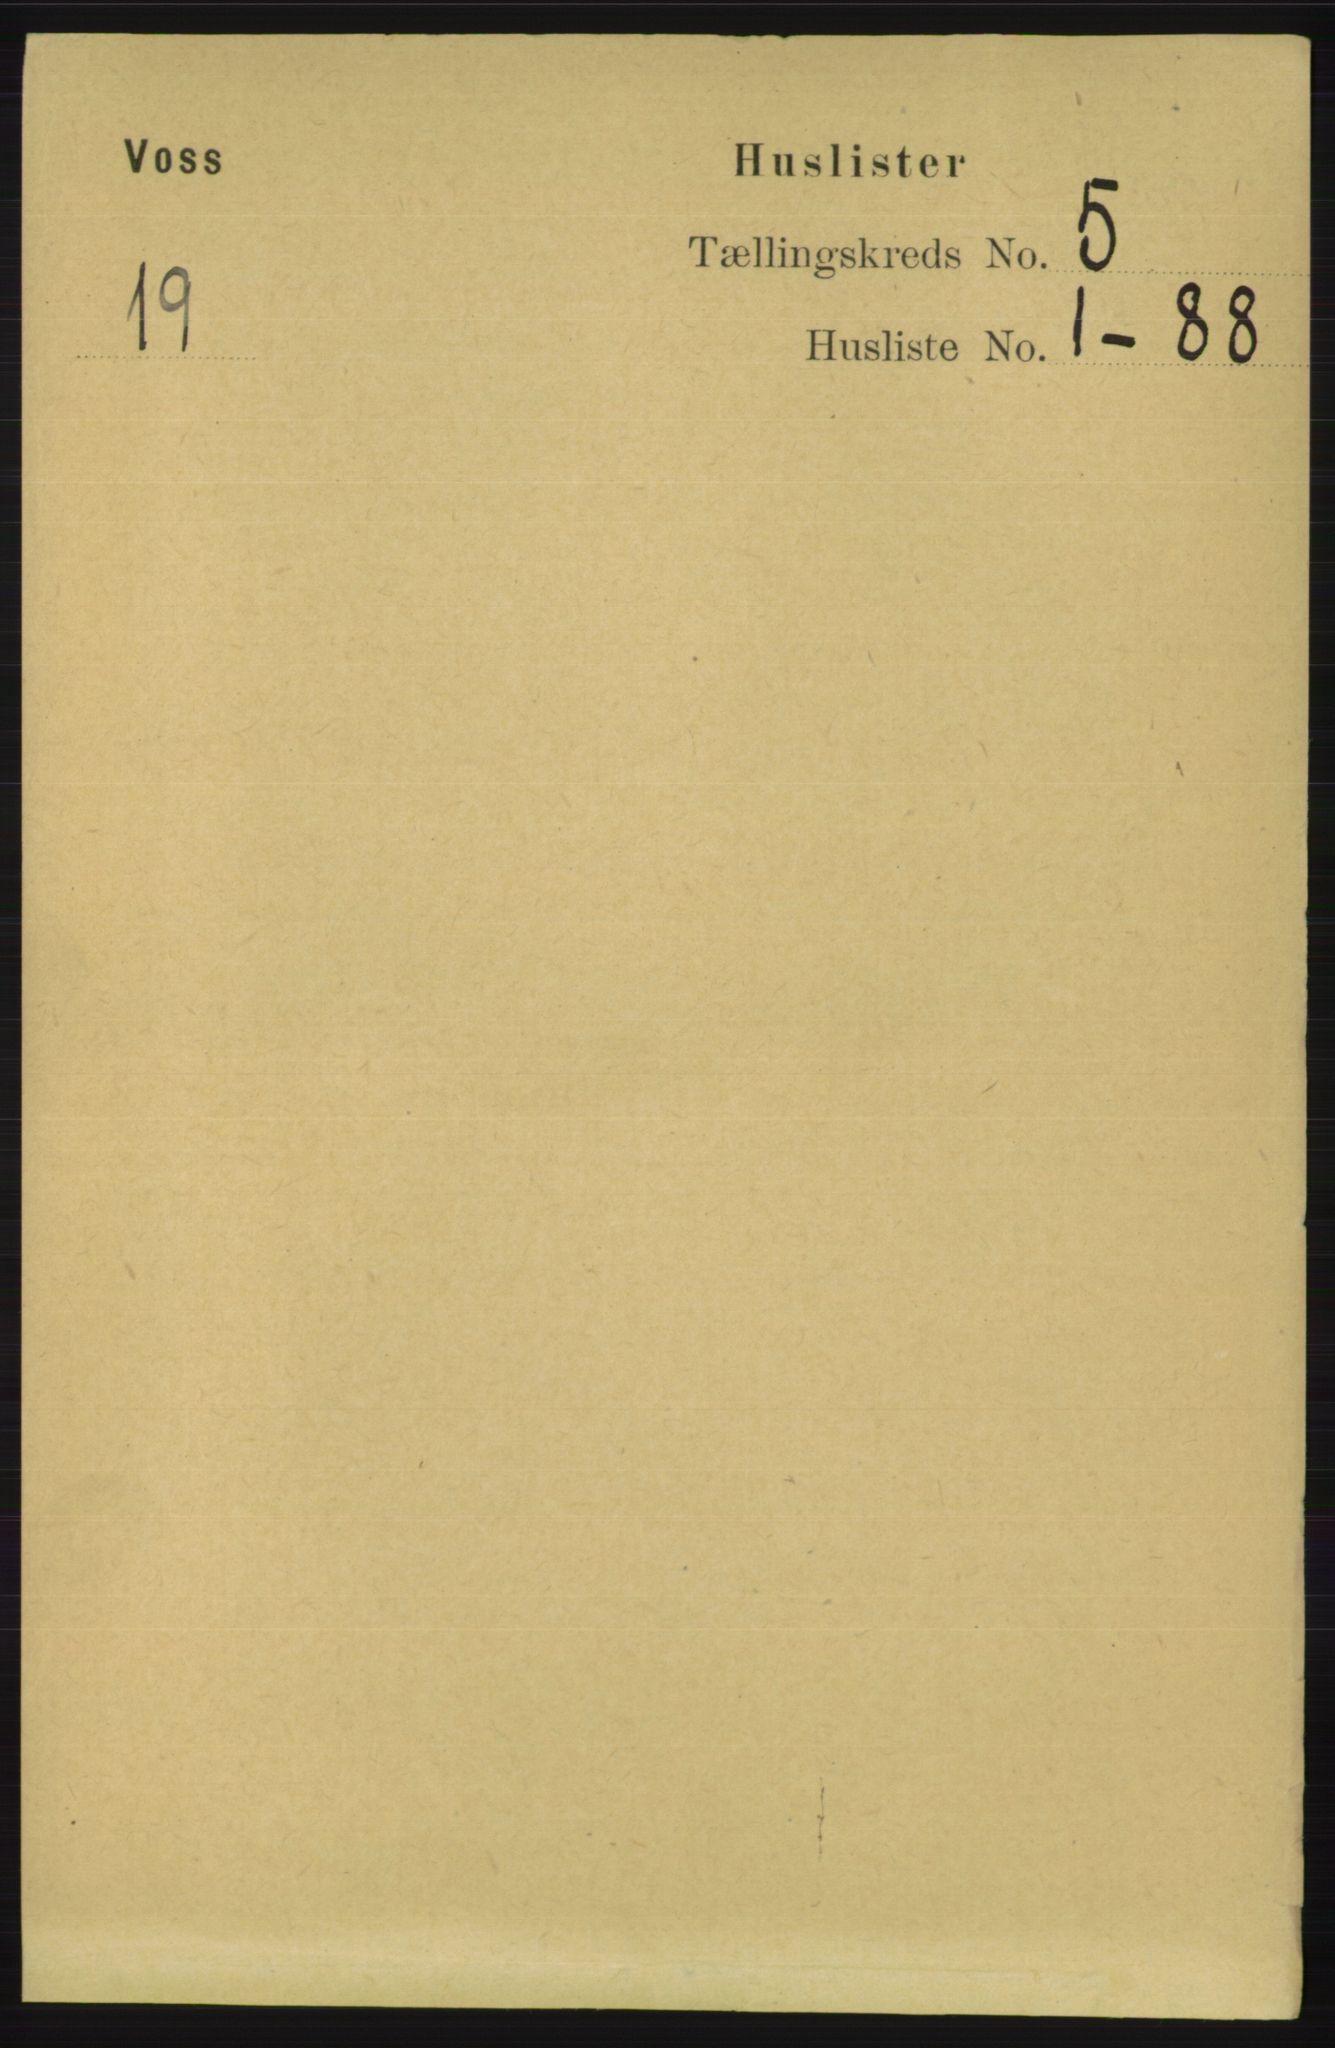 RA, Folketelling 1891 for 1235 Voss herred, 1891, s. 2612